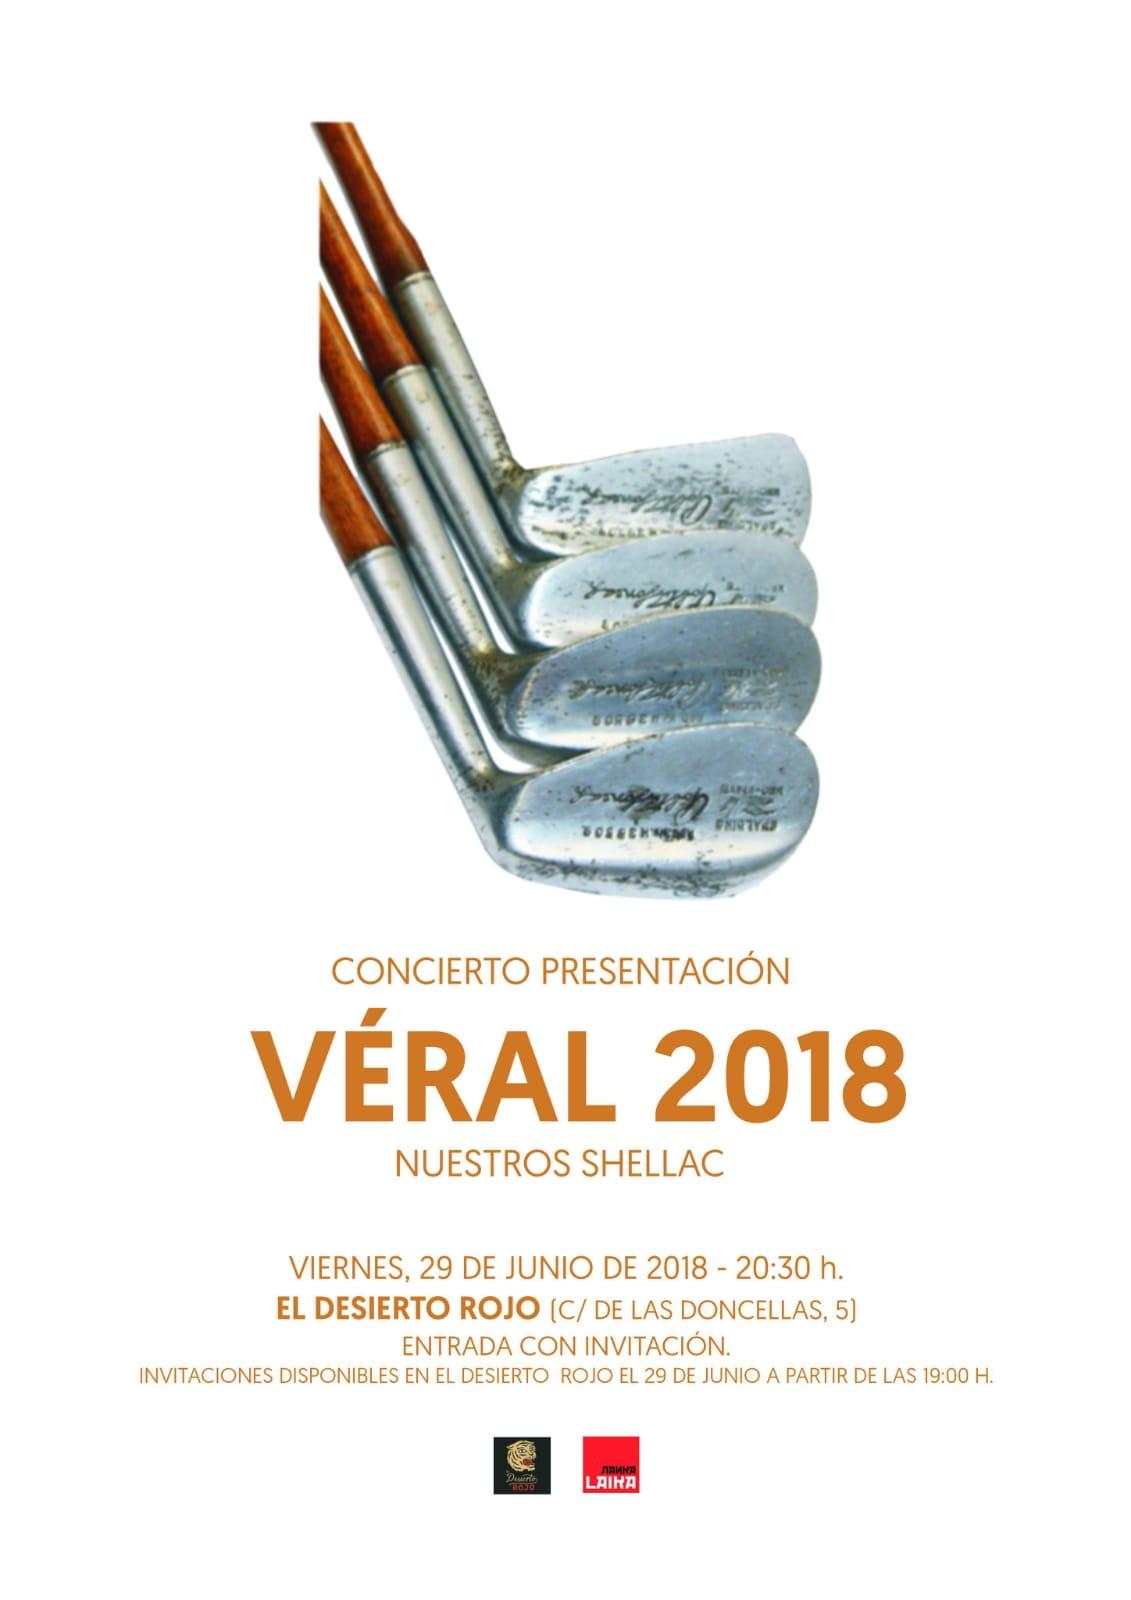 Concierto de presentación Véral 2018